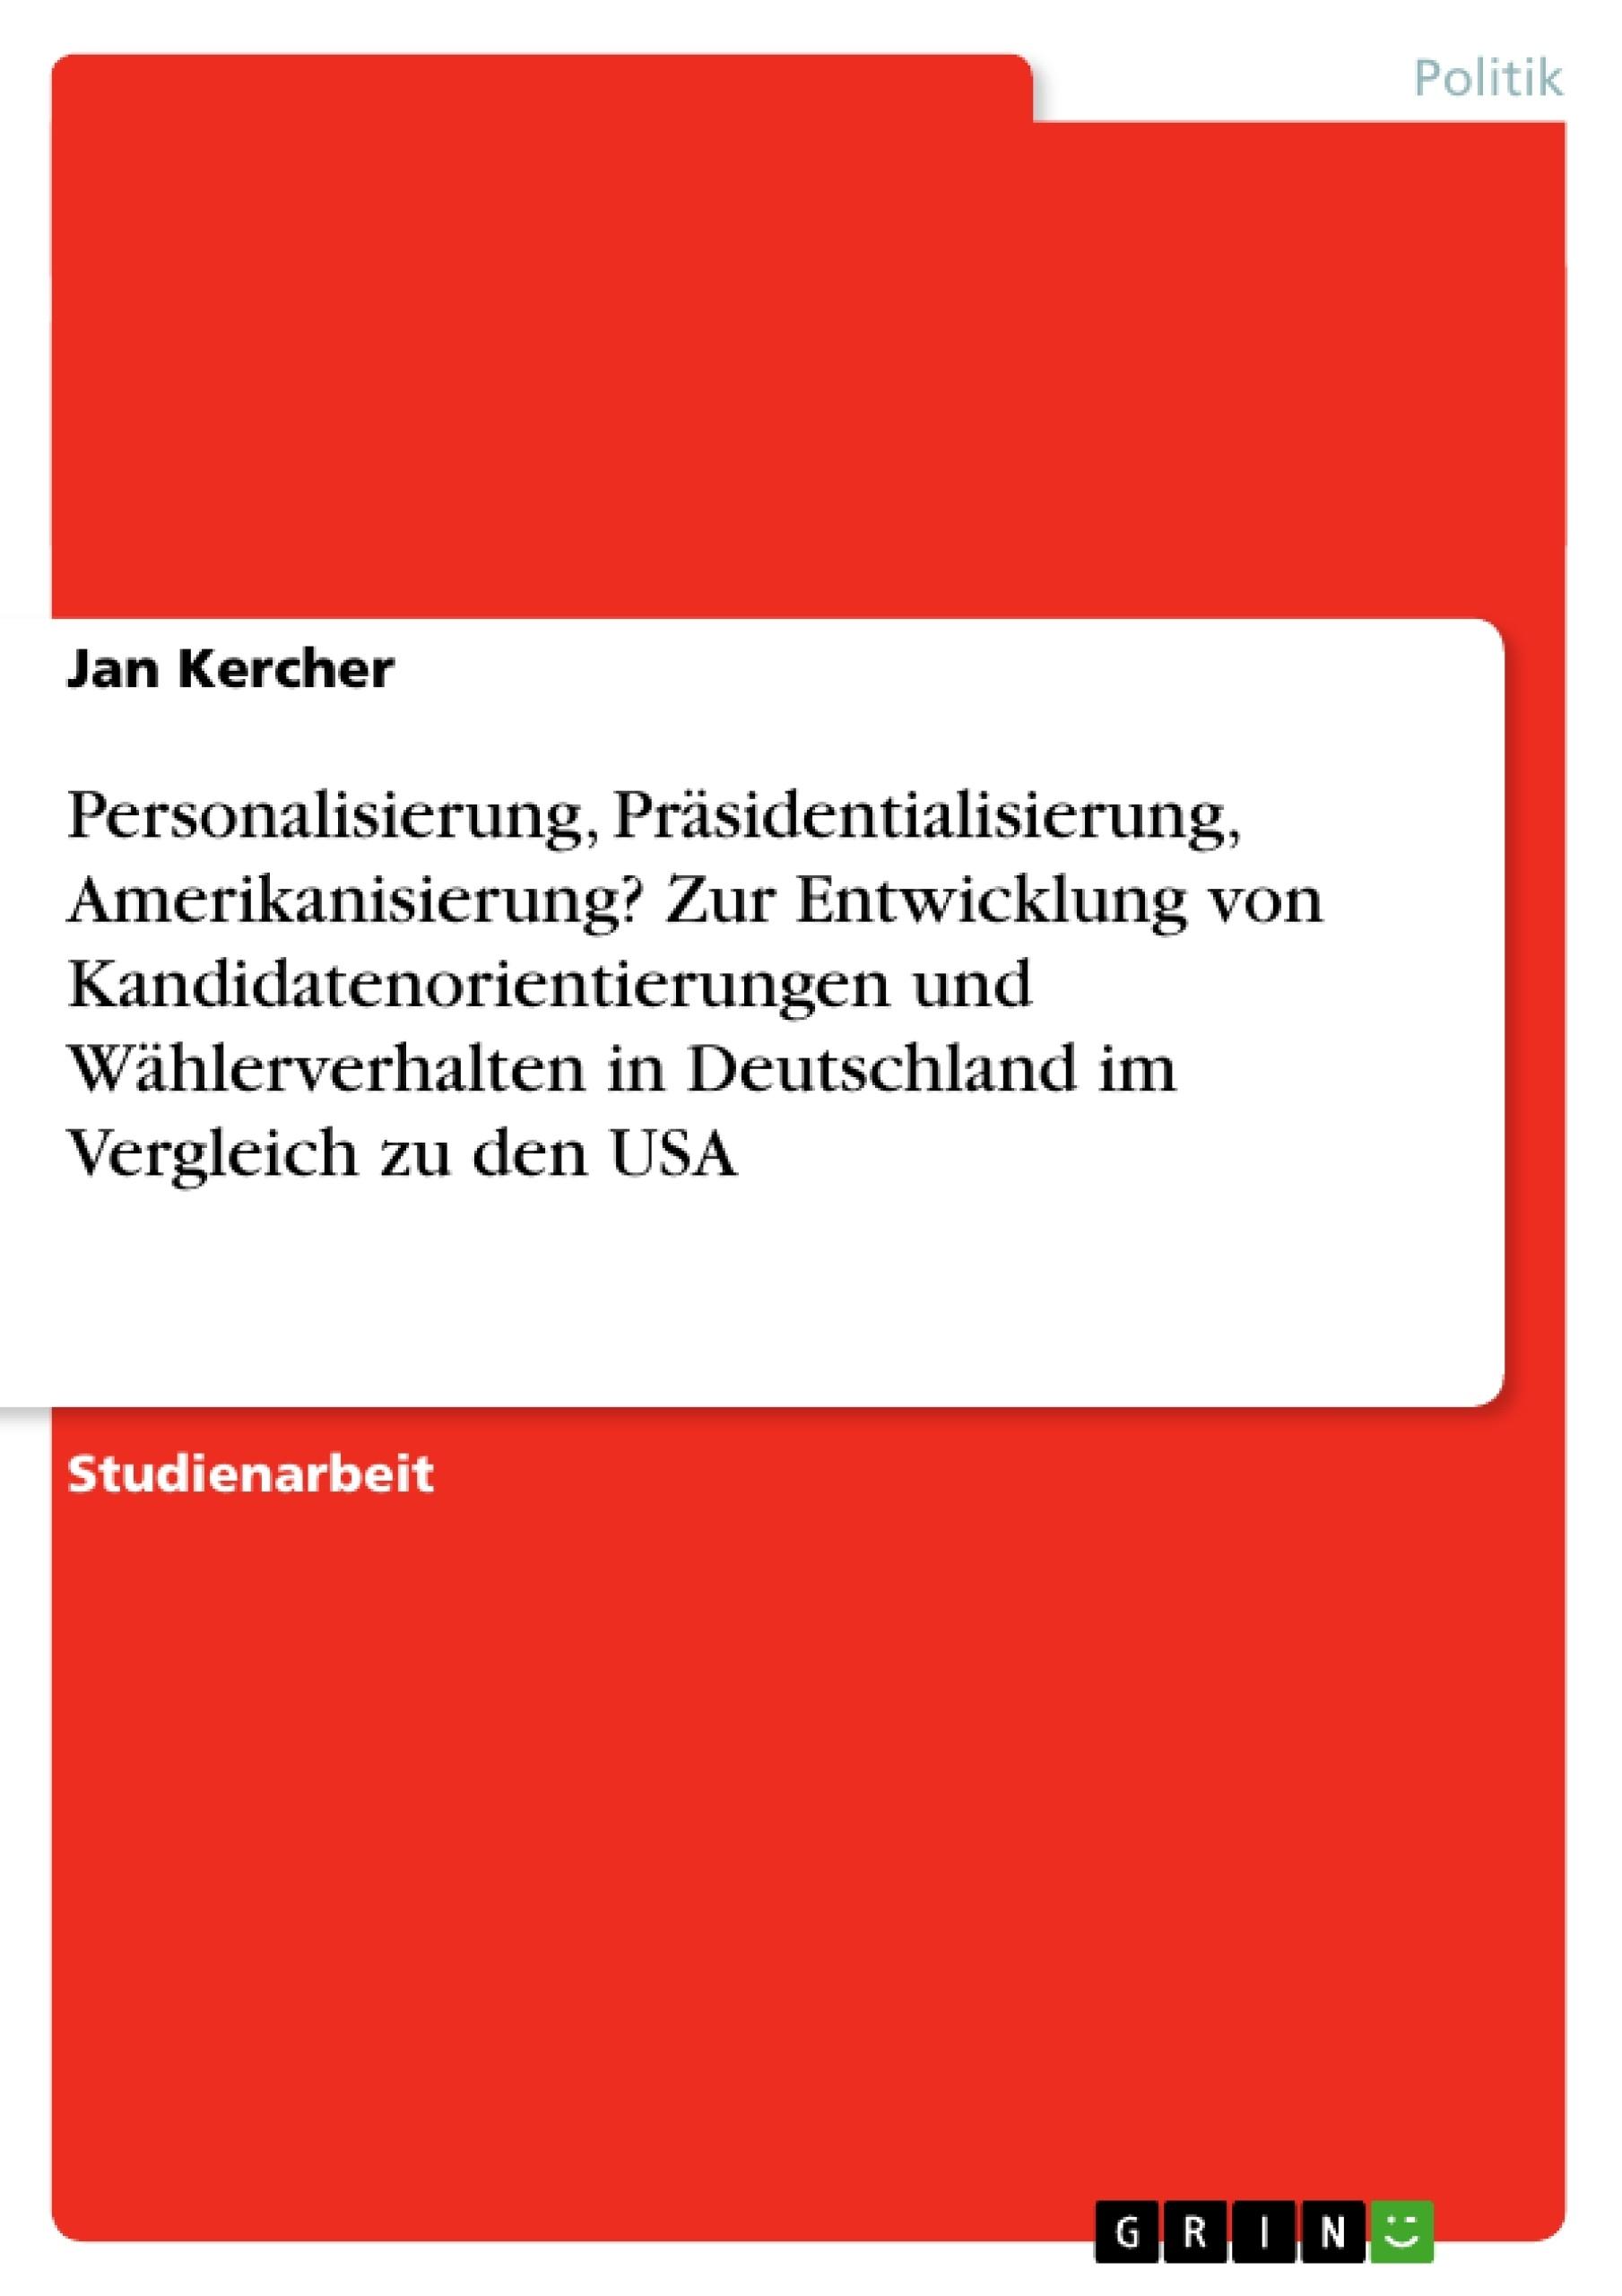 Titel: Personalisierung, Präsidentialisierung, Amerikanisierung? Zur Entwicklung von Kandidatenorientierungen und Wählerverhalten in Deutschland im Vergleich zu den USA